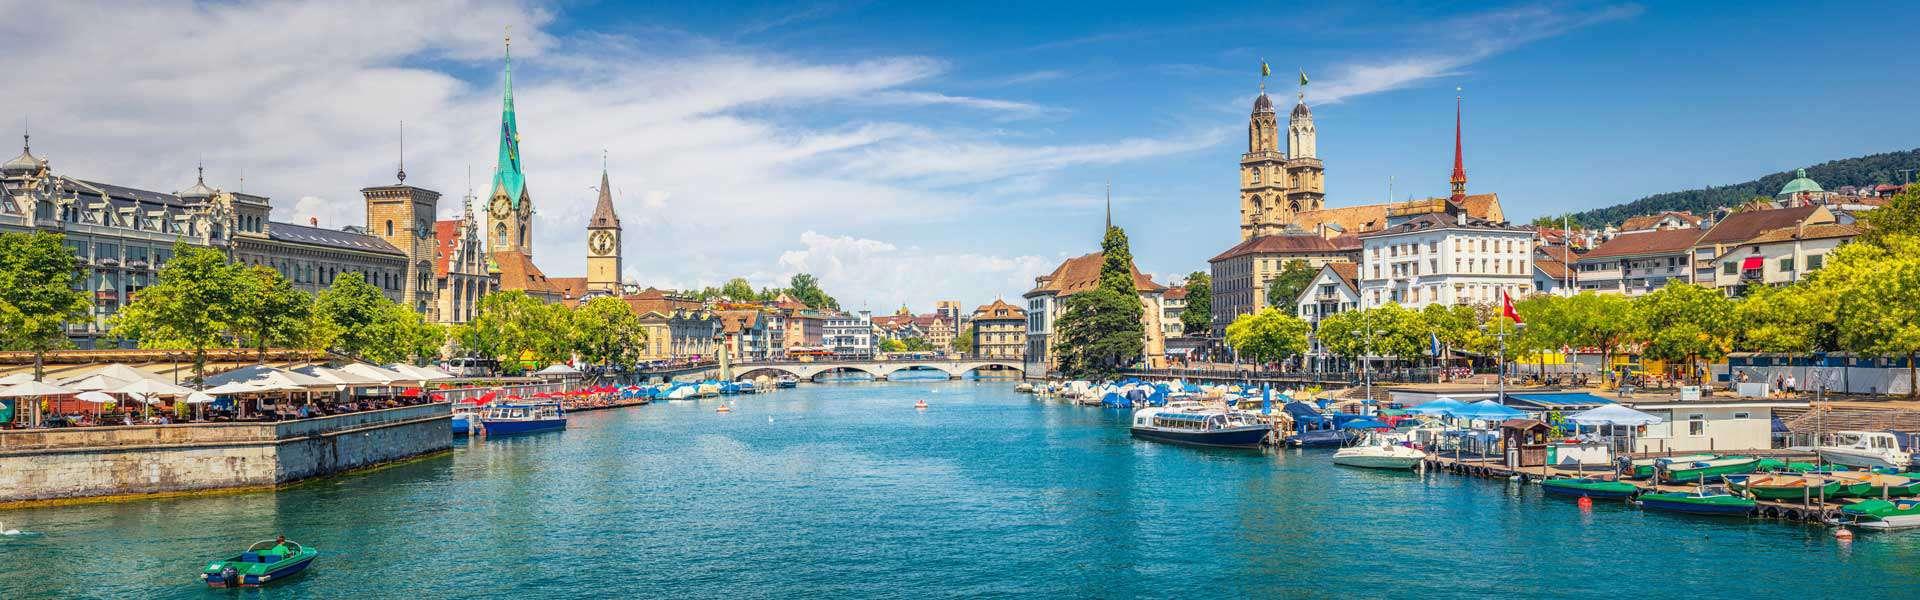 Beeindruckend: das Fraumünster inmitten der Altstadt von Zürich